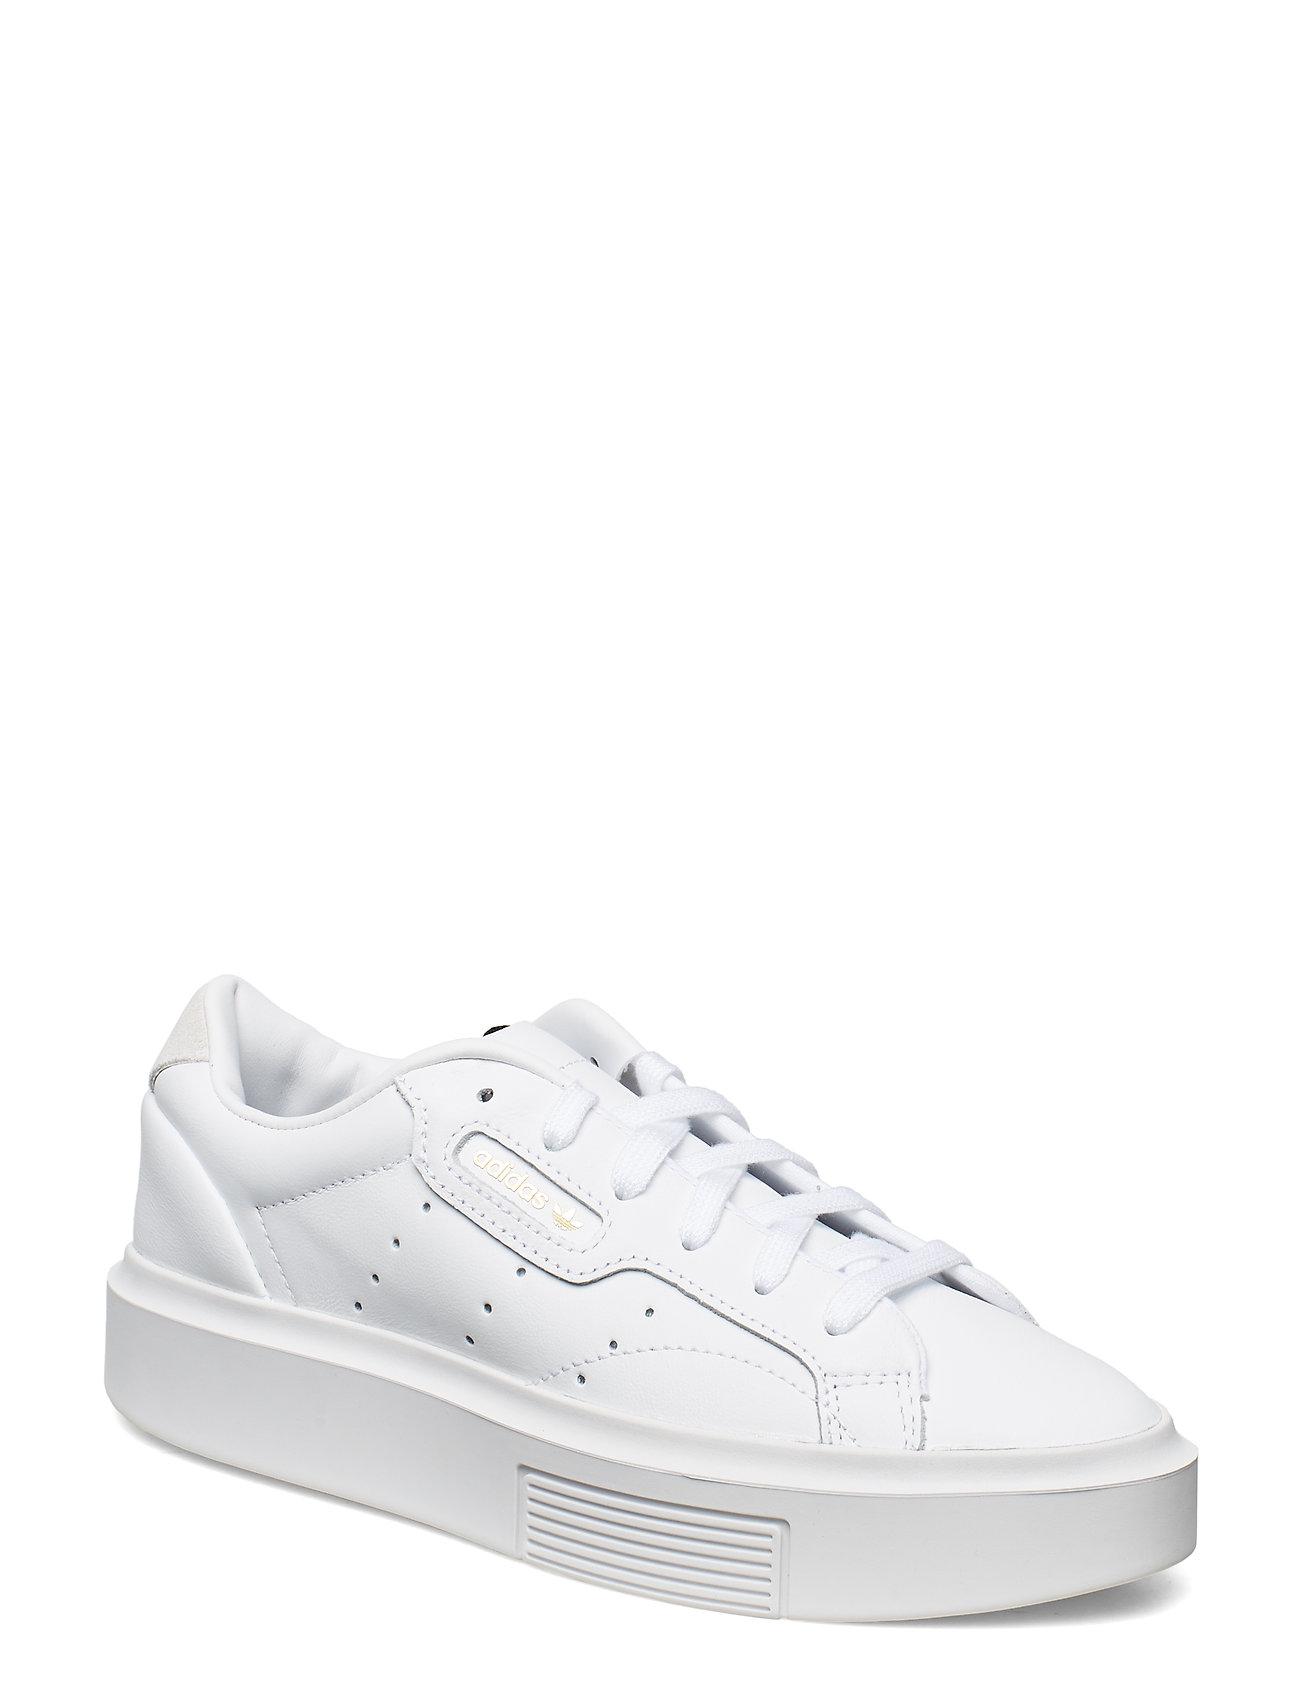 Udsalg Tilbud Dame og Herre Adidas Originals Sko Billige Køb